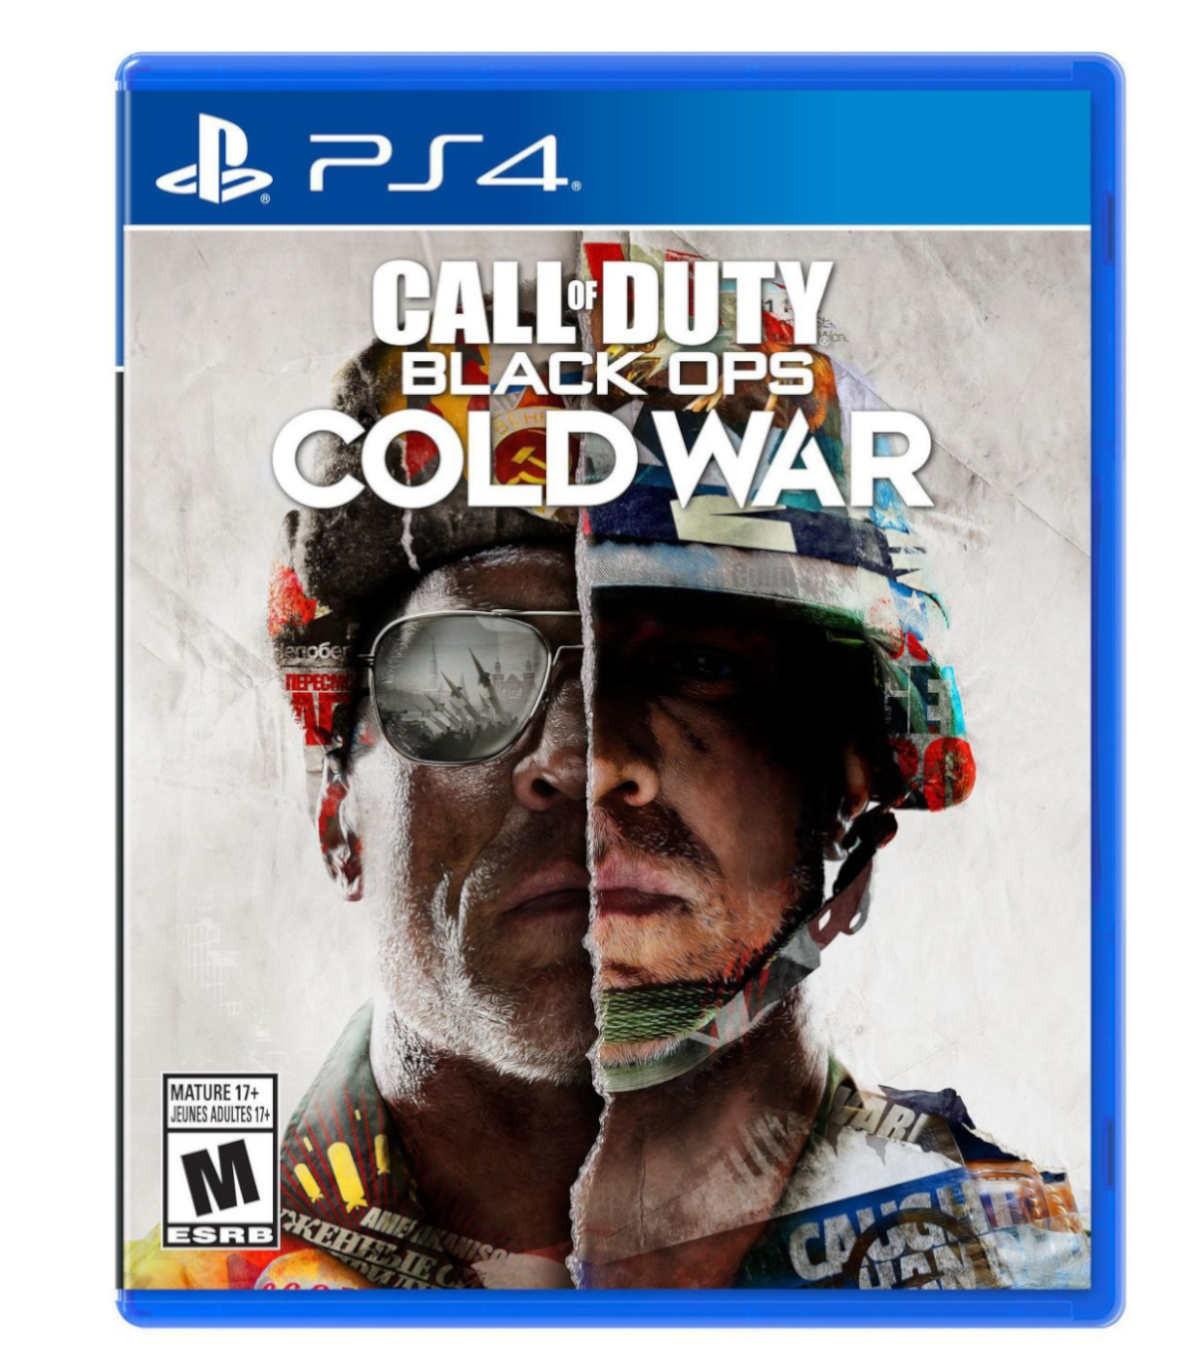 بازی Call of Duty: Black Ops Cold War - پلی استیشن 4 و پلی